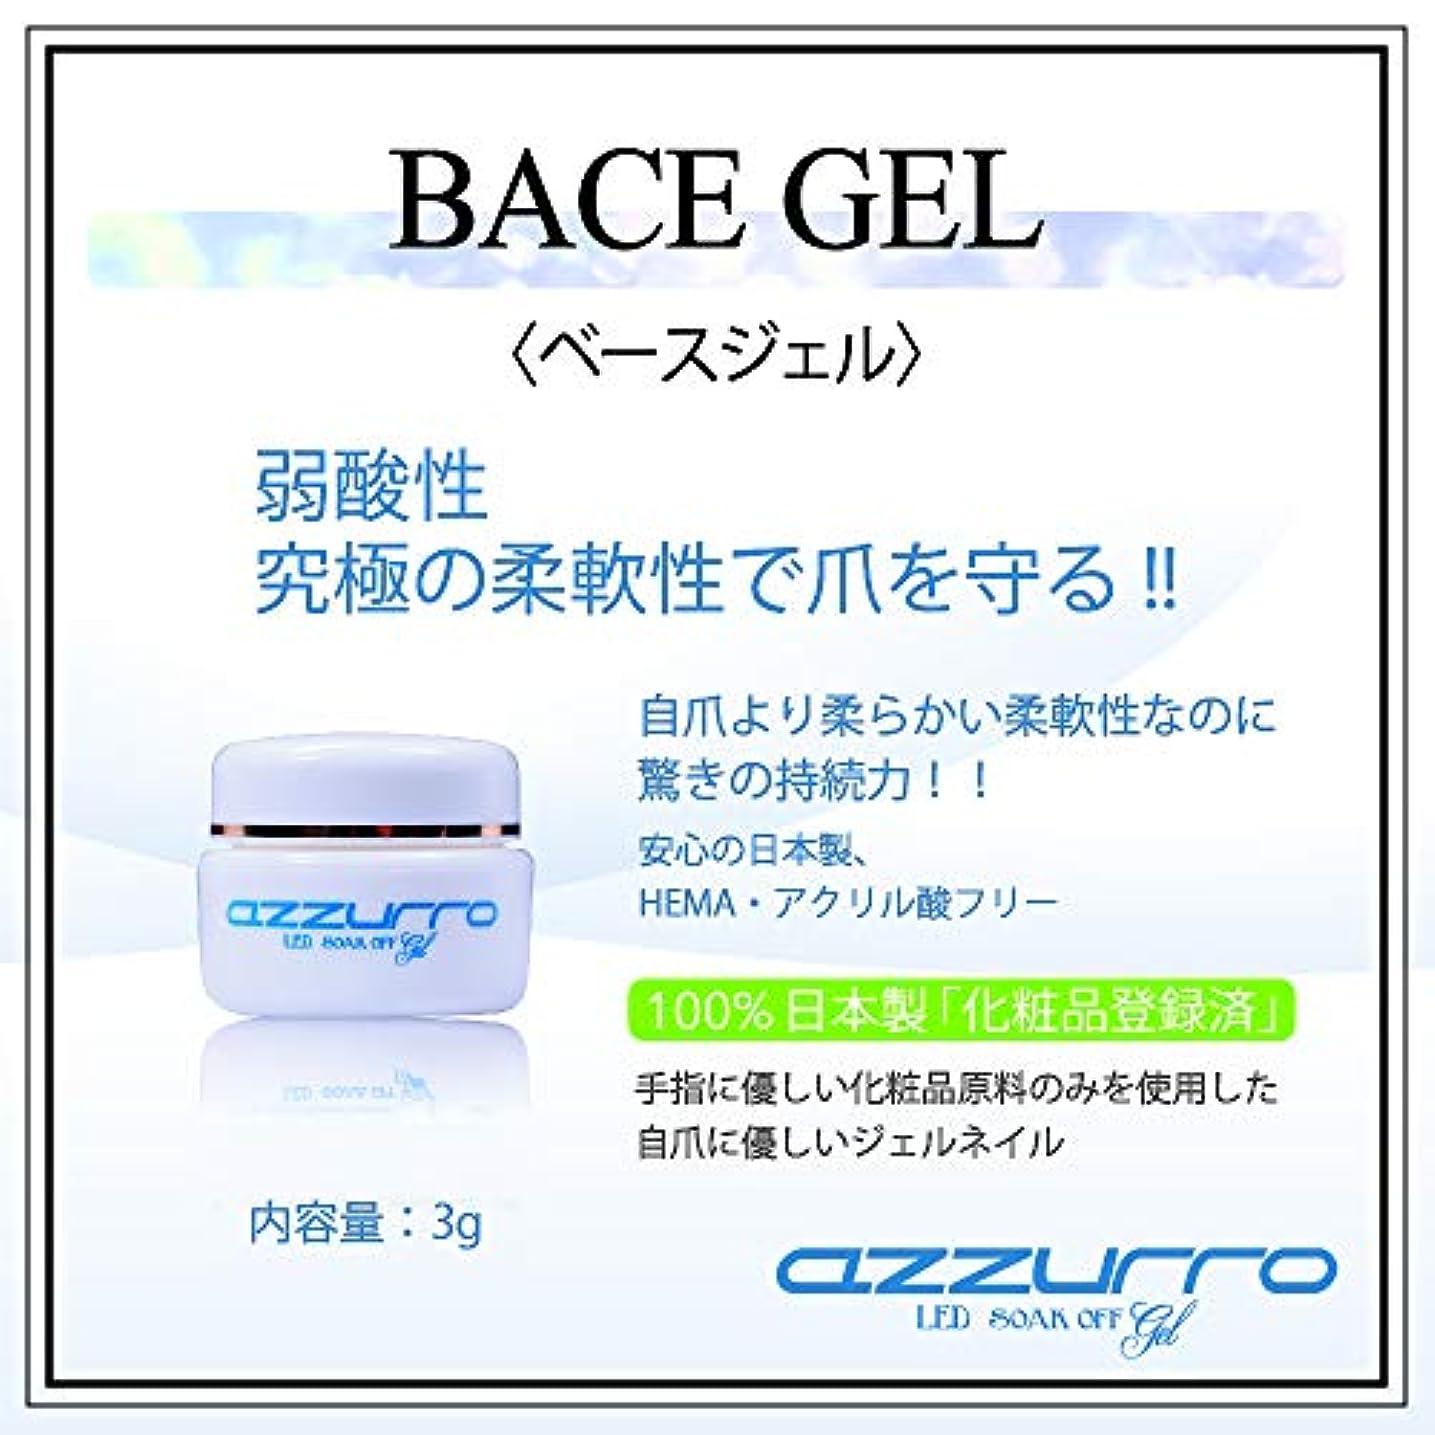 説明描く朝ごはんazzurro gel アッズーロ ベースジェル 日本製 驚きの密着力 リムーバーでオフも簡単3g